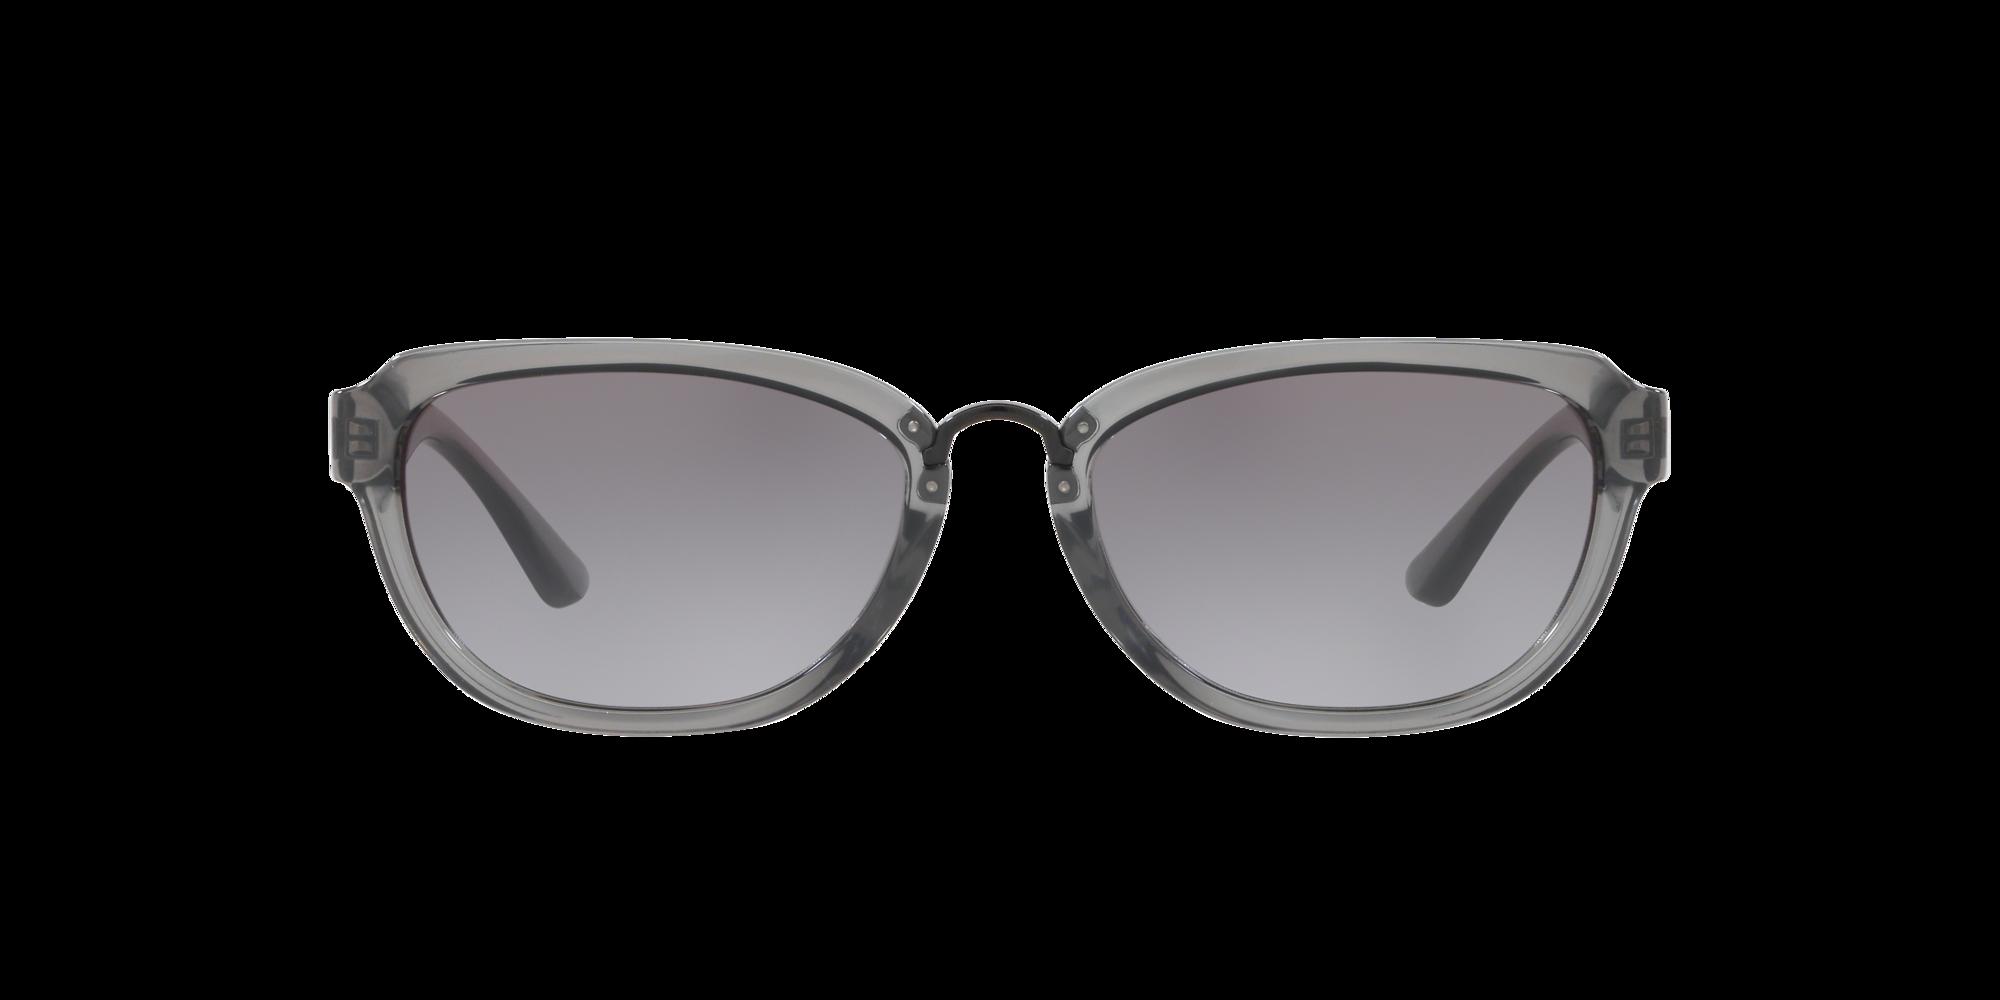 Imagen para TY9057U de LensCrafters |  Espejuelos, espejuelos graduados en línea, gafas